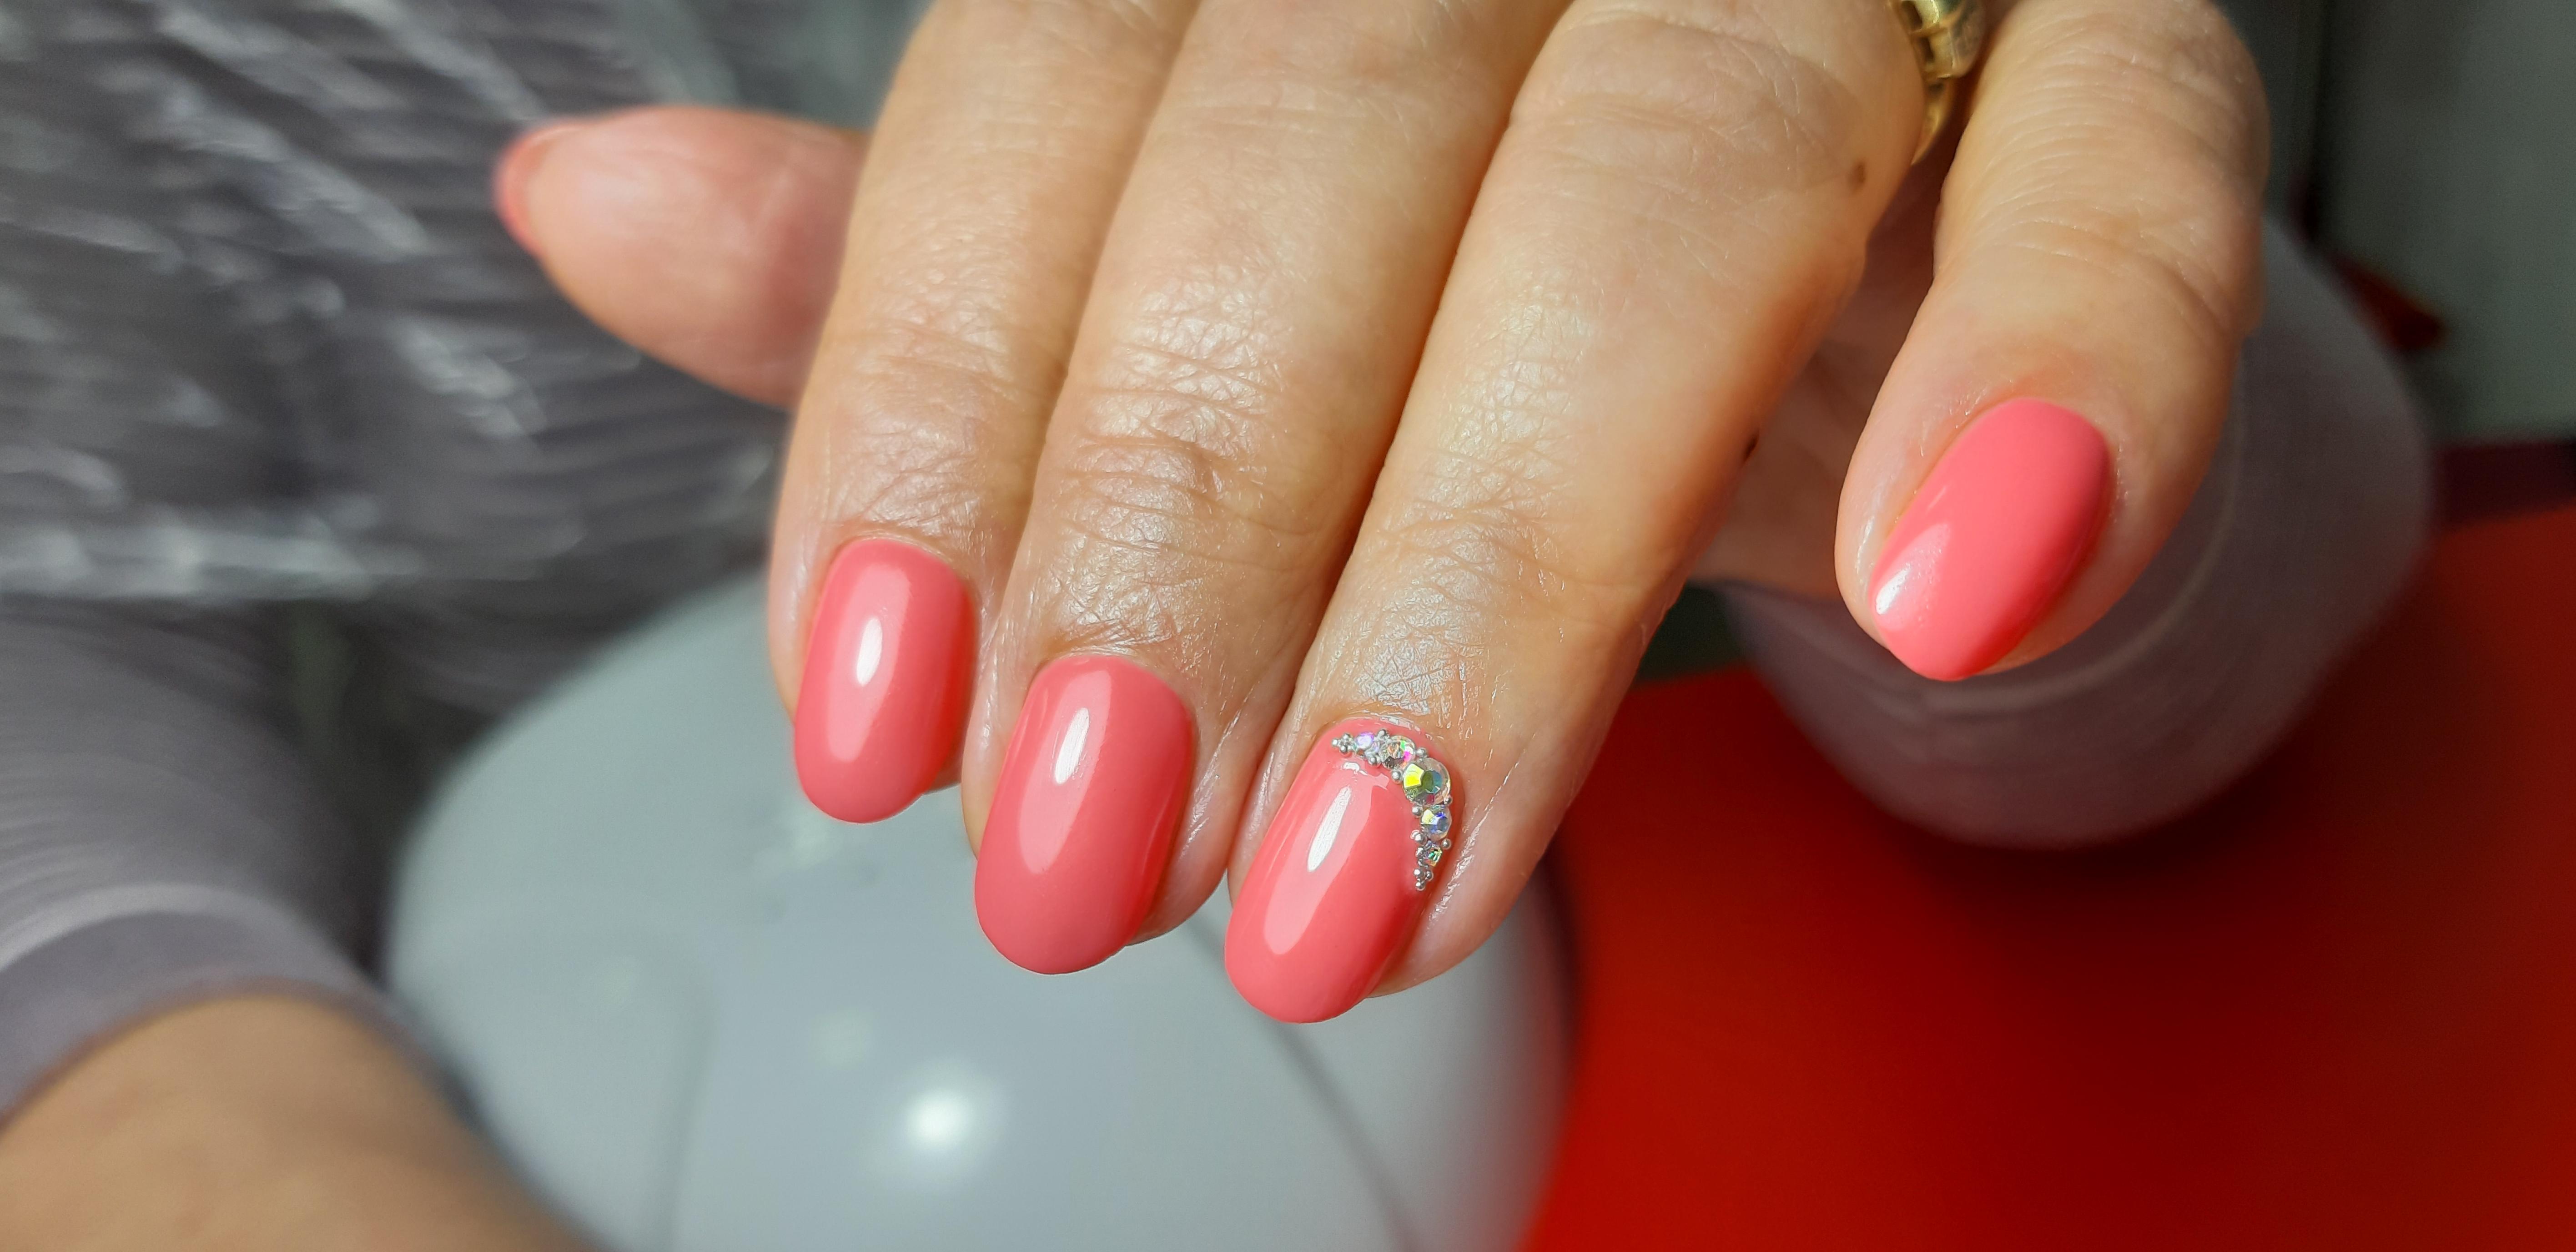 Маникюр со стразами в розовом цвете на короткие ногти.